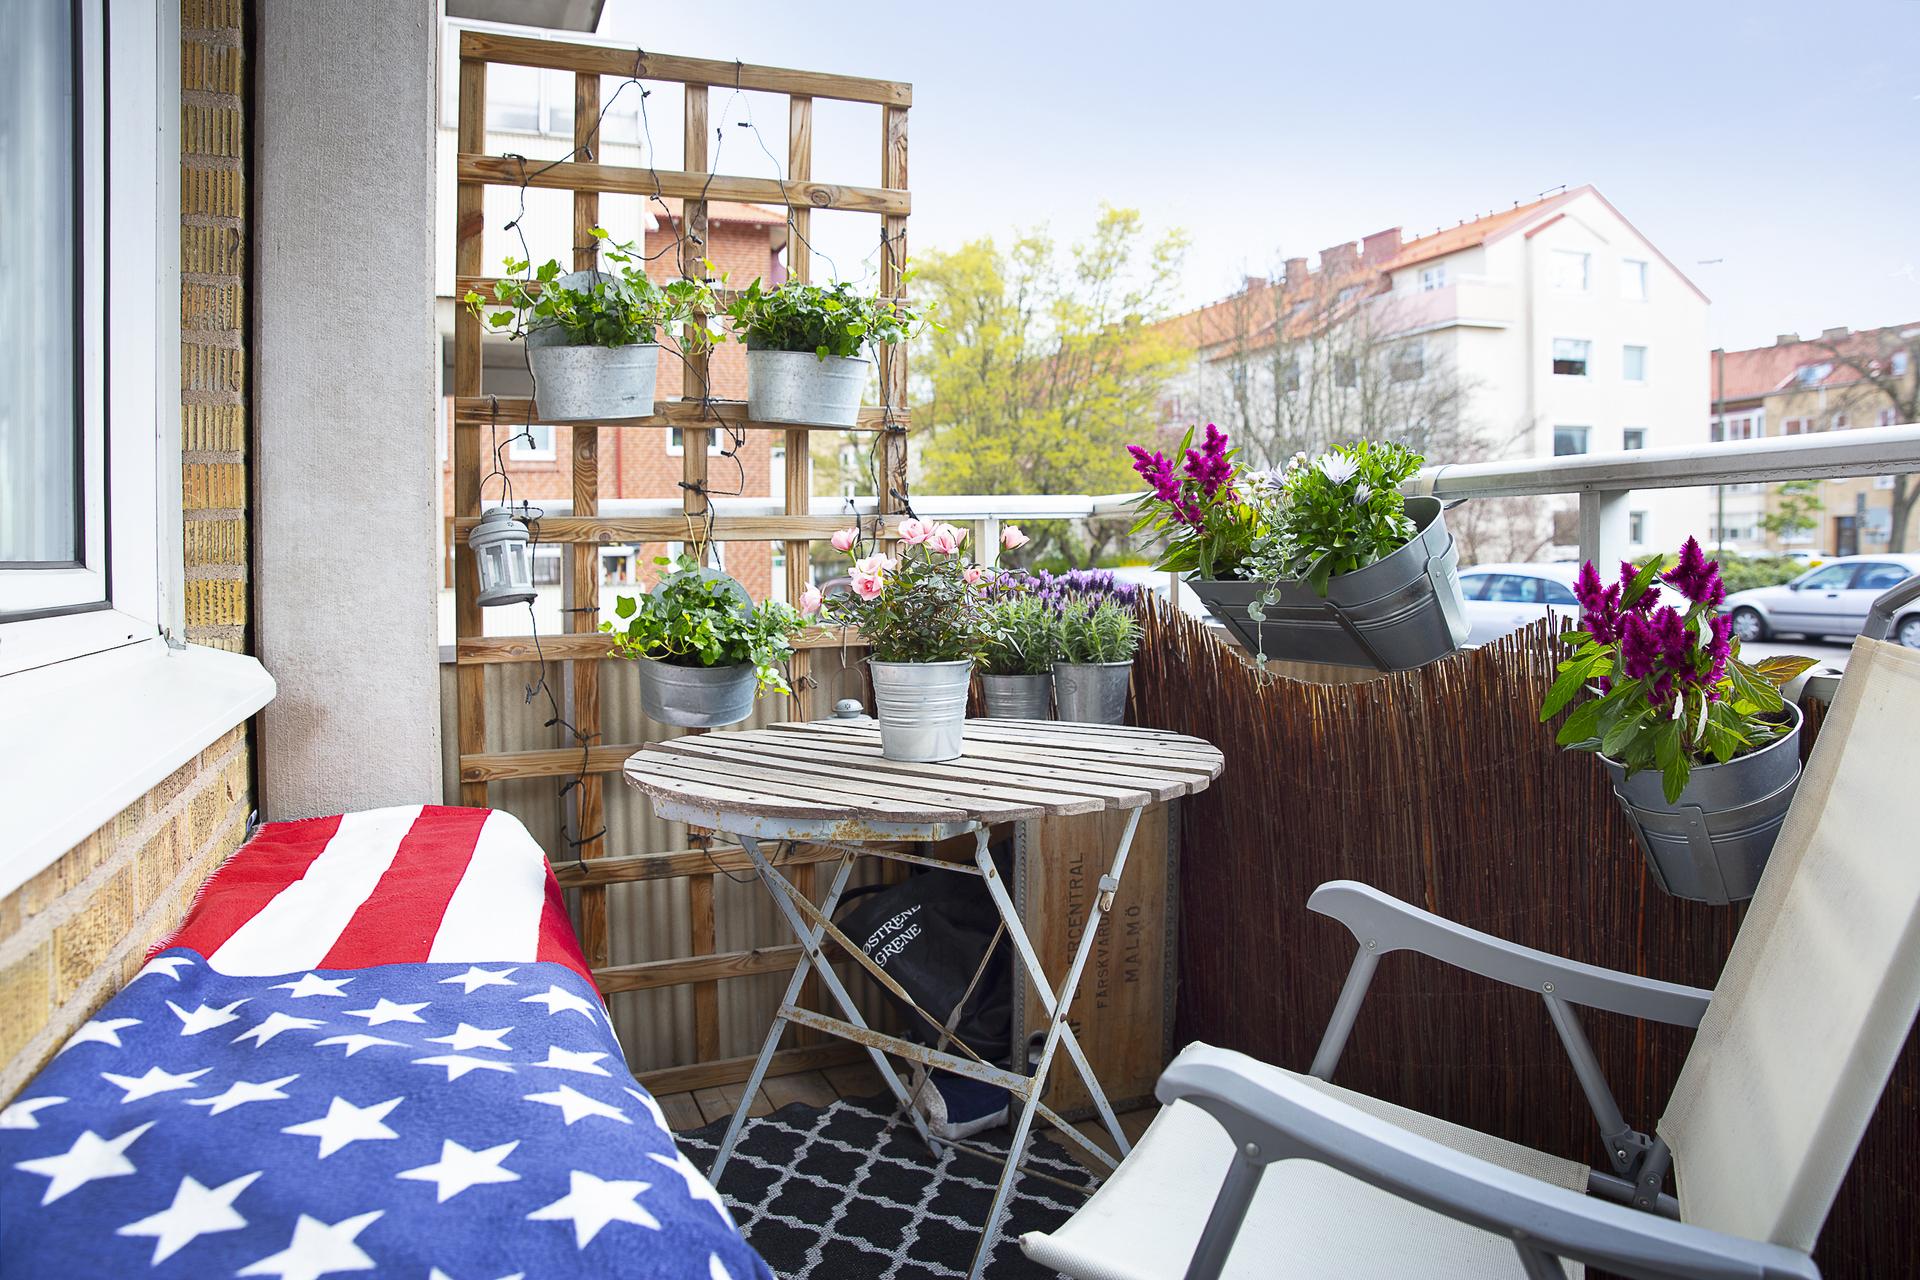 Balkongen erbjuder plats för både möblemang och plantering